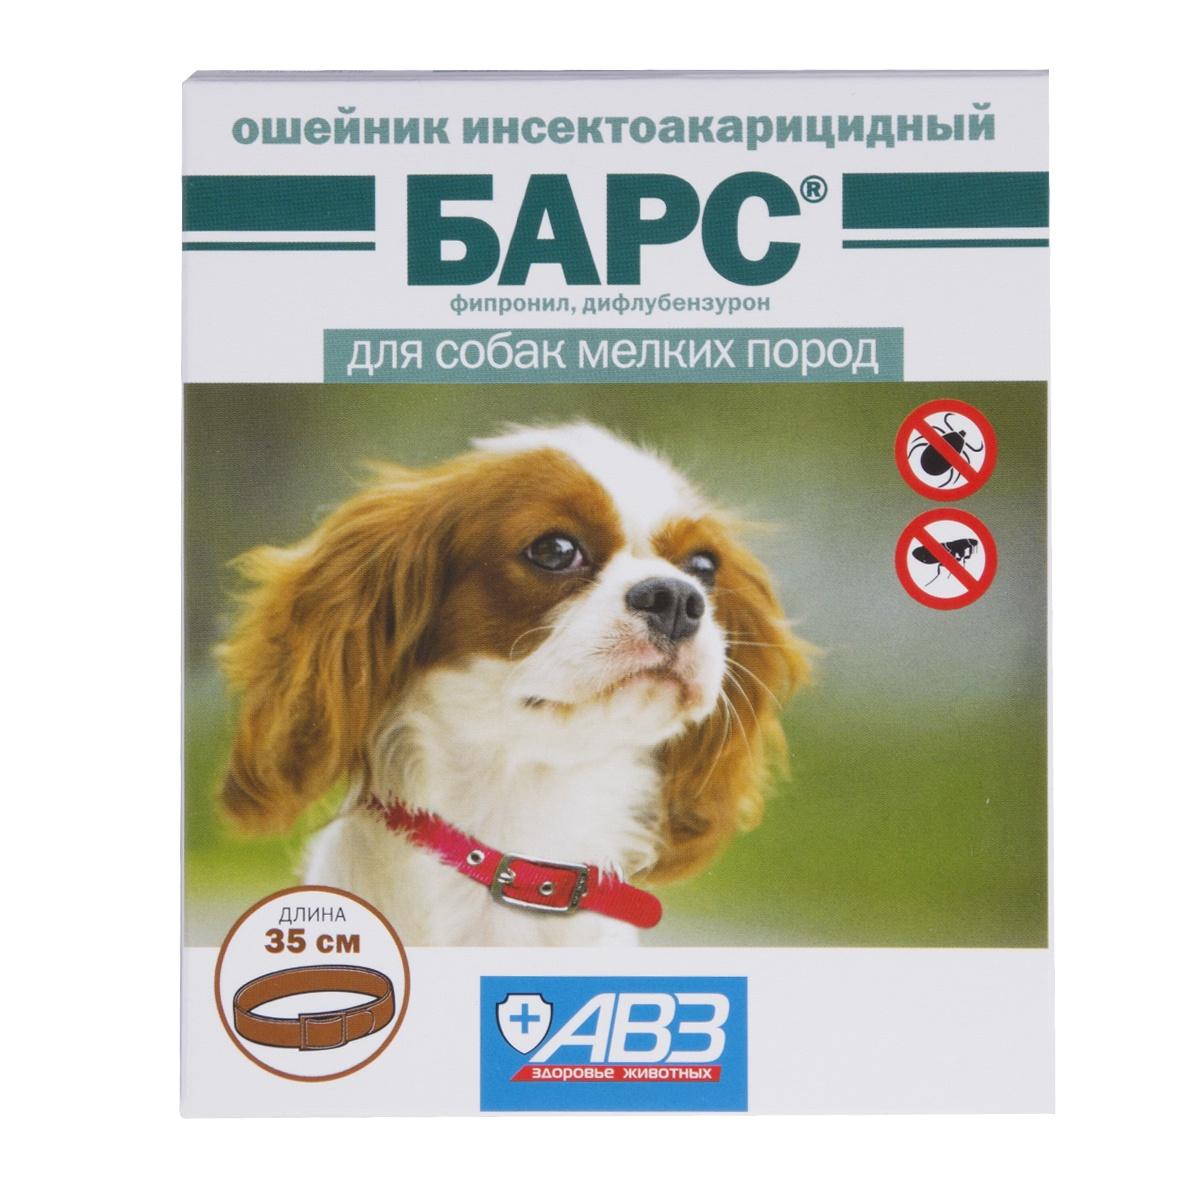 Лечебный ошейник АВЗ Барс БАРС для собак мелких пород, коричневый авз барс капли от блох и клещей для собак от 20 до 30кг 1 доза 4 2мл